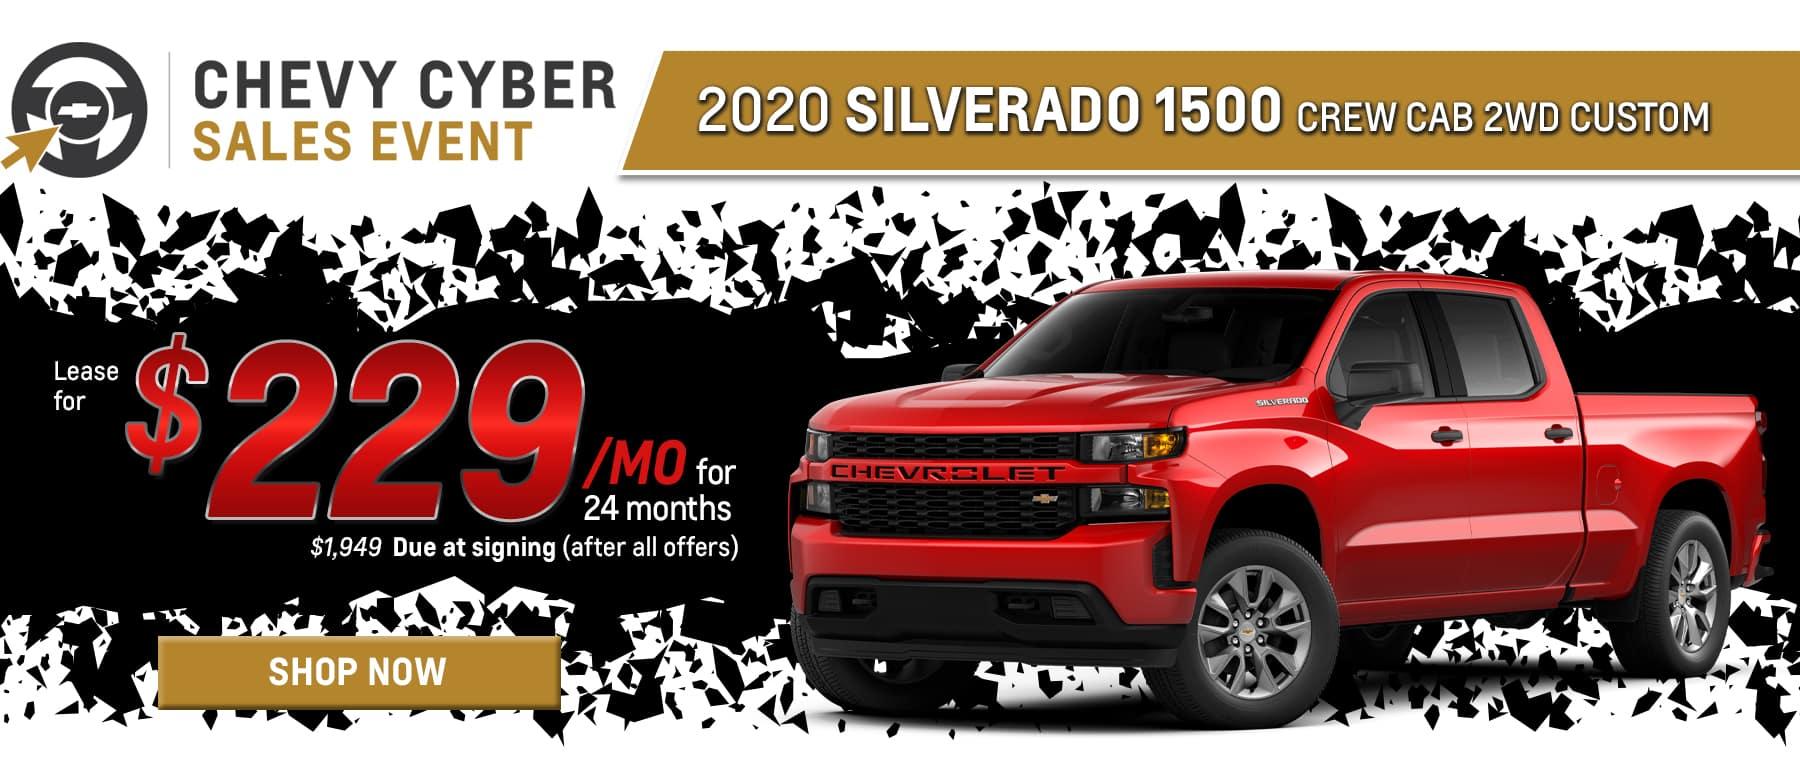 1120-Silverado